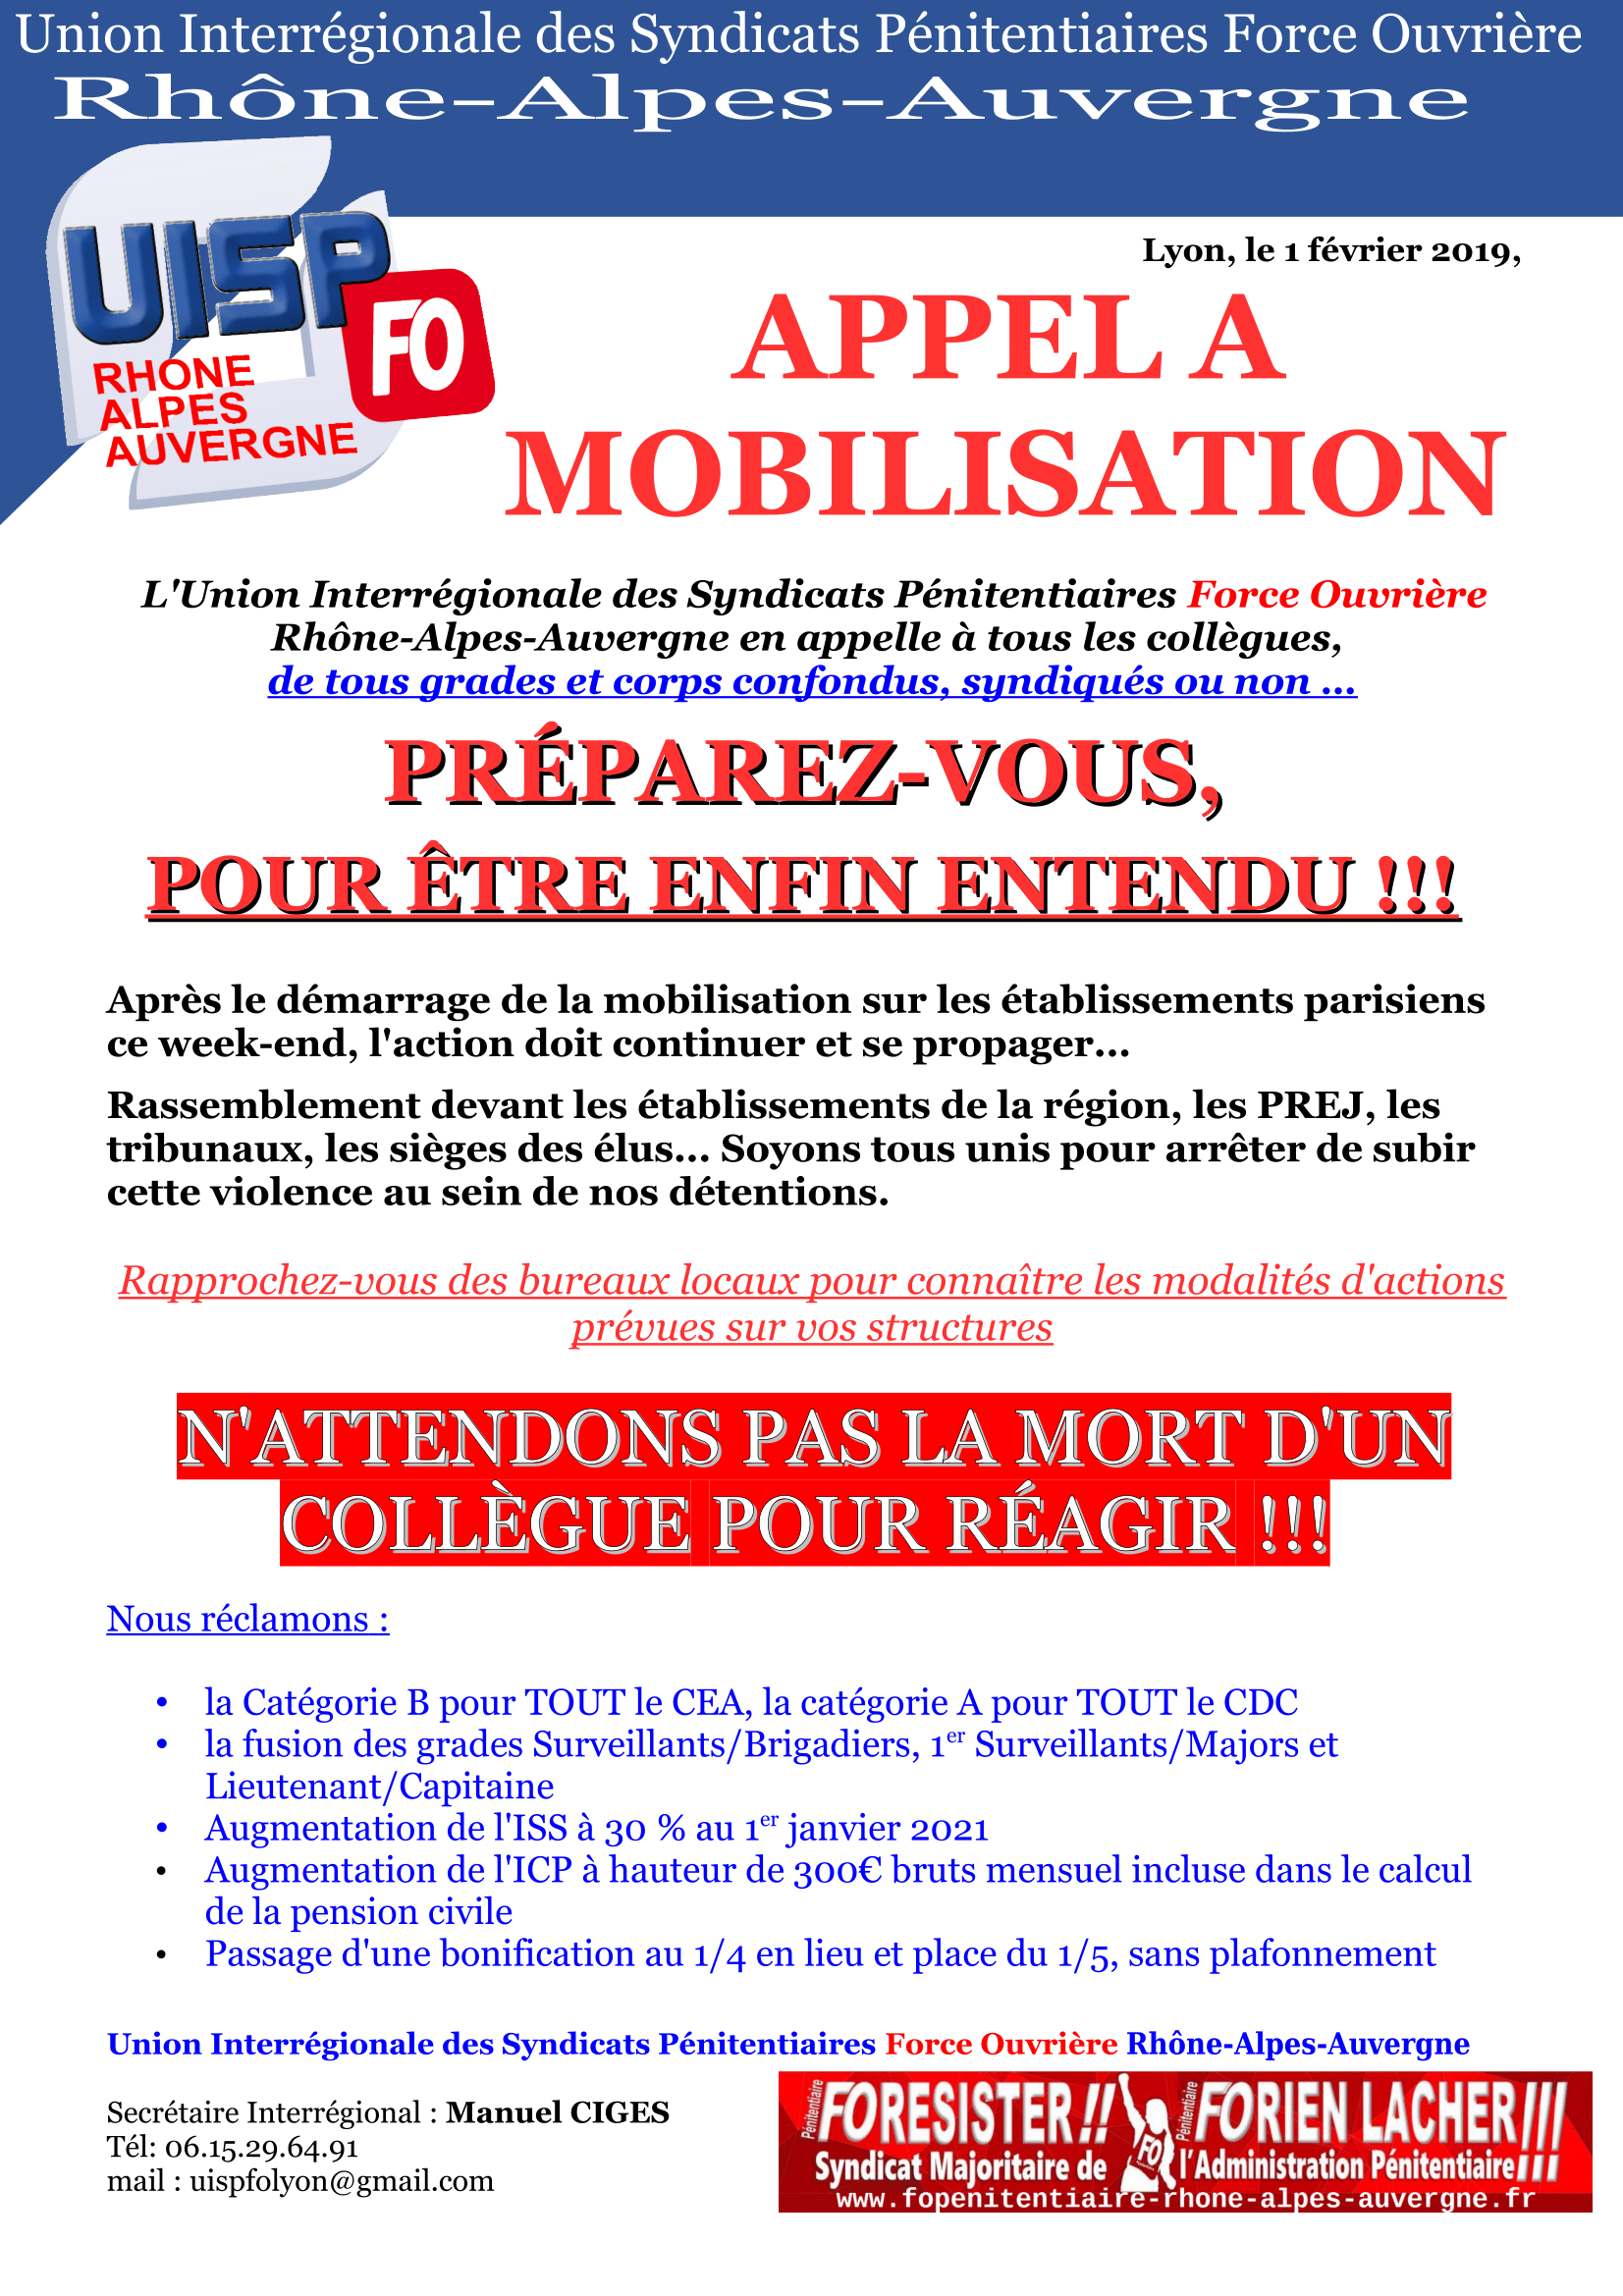 UISP FO LYON APPEL A MOBILISATION